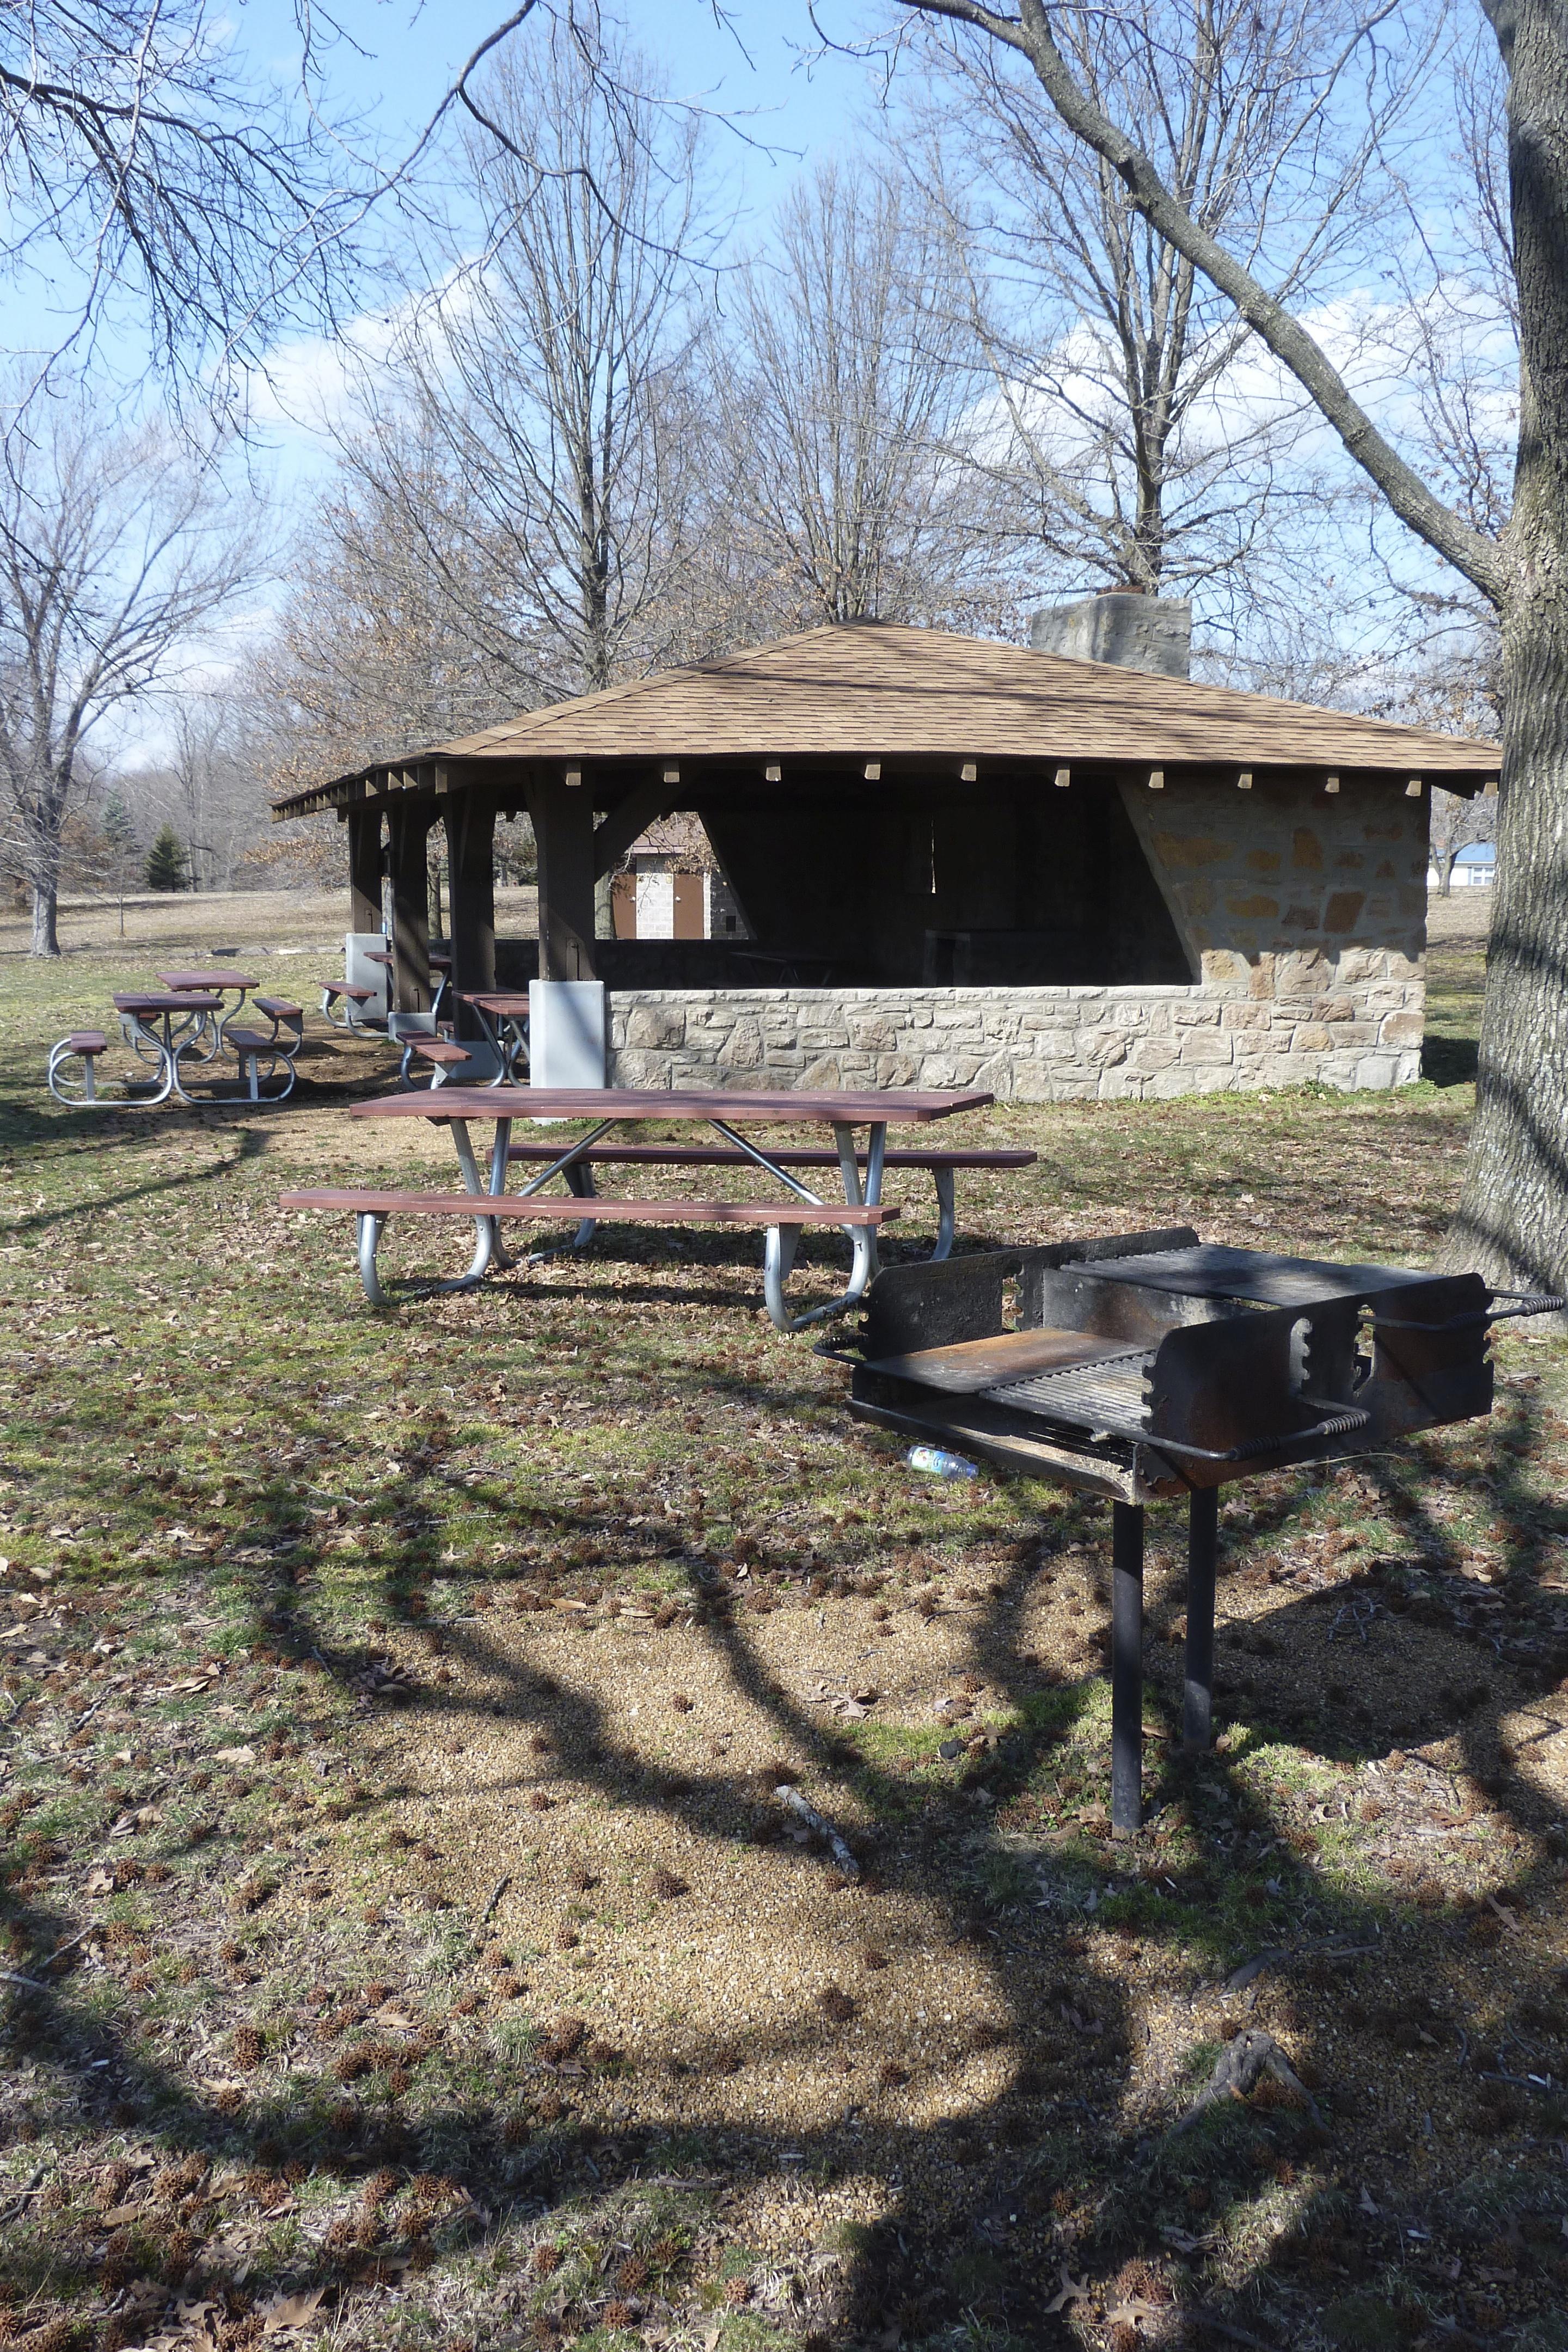 Miner's Memorial Shelter